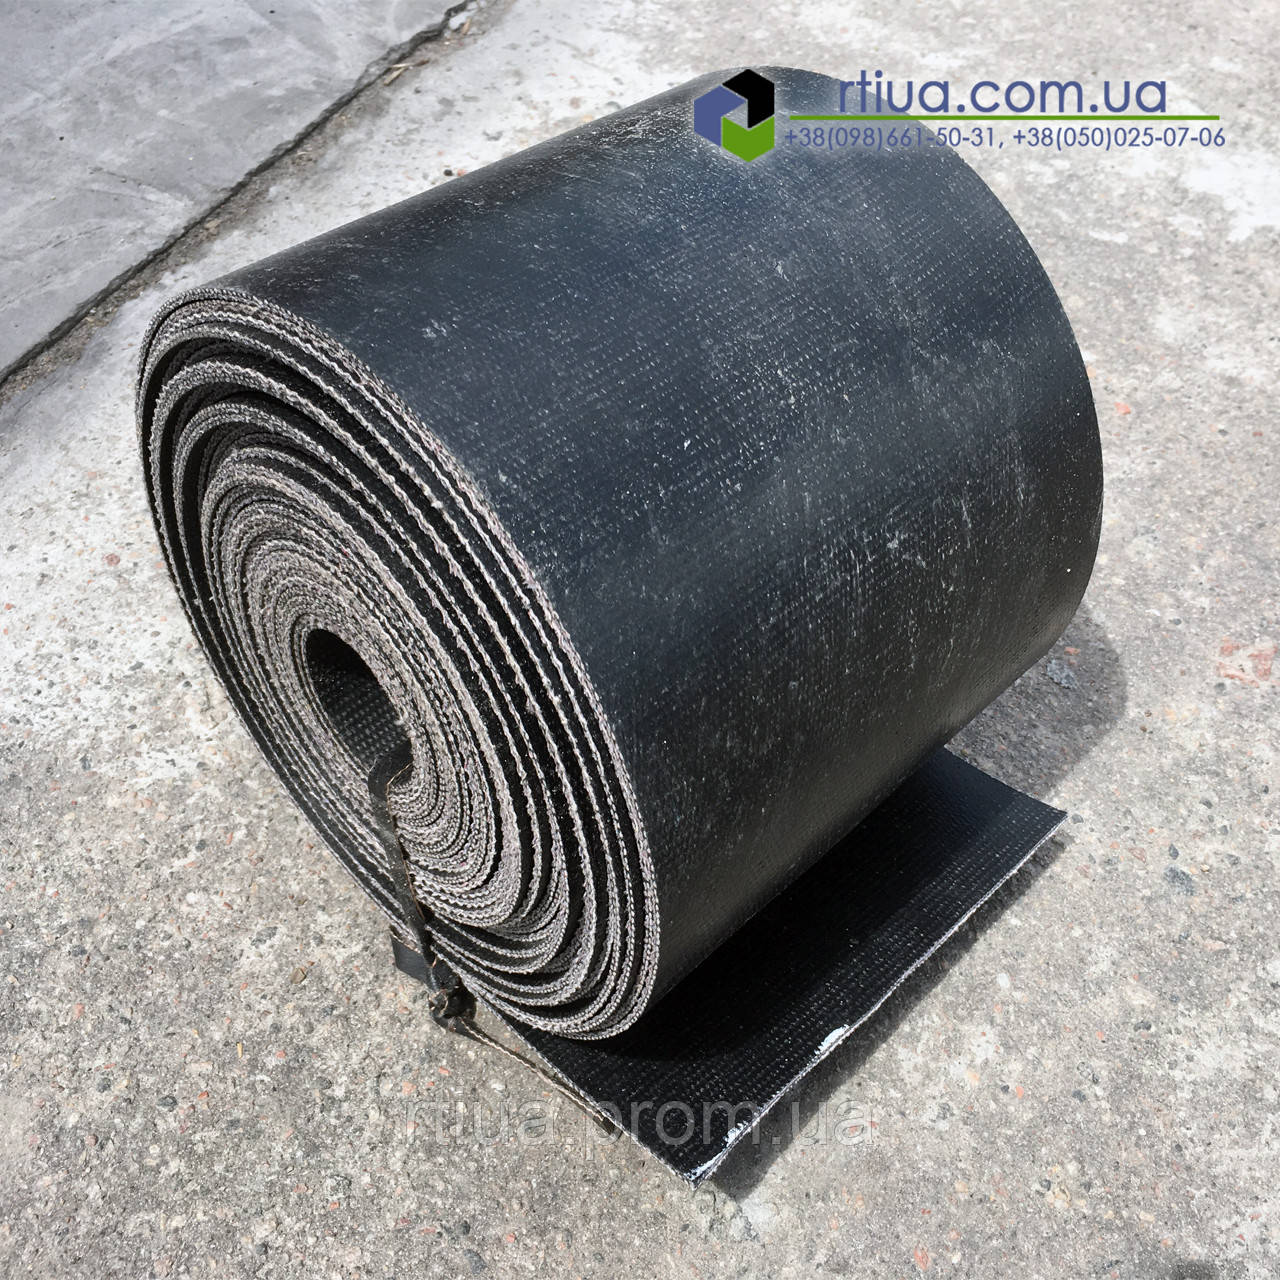 Транспортерная лента БКНЛ, 175х2 мм